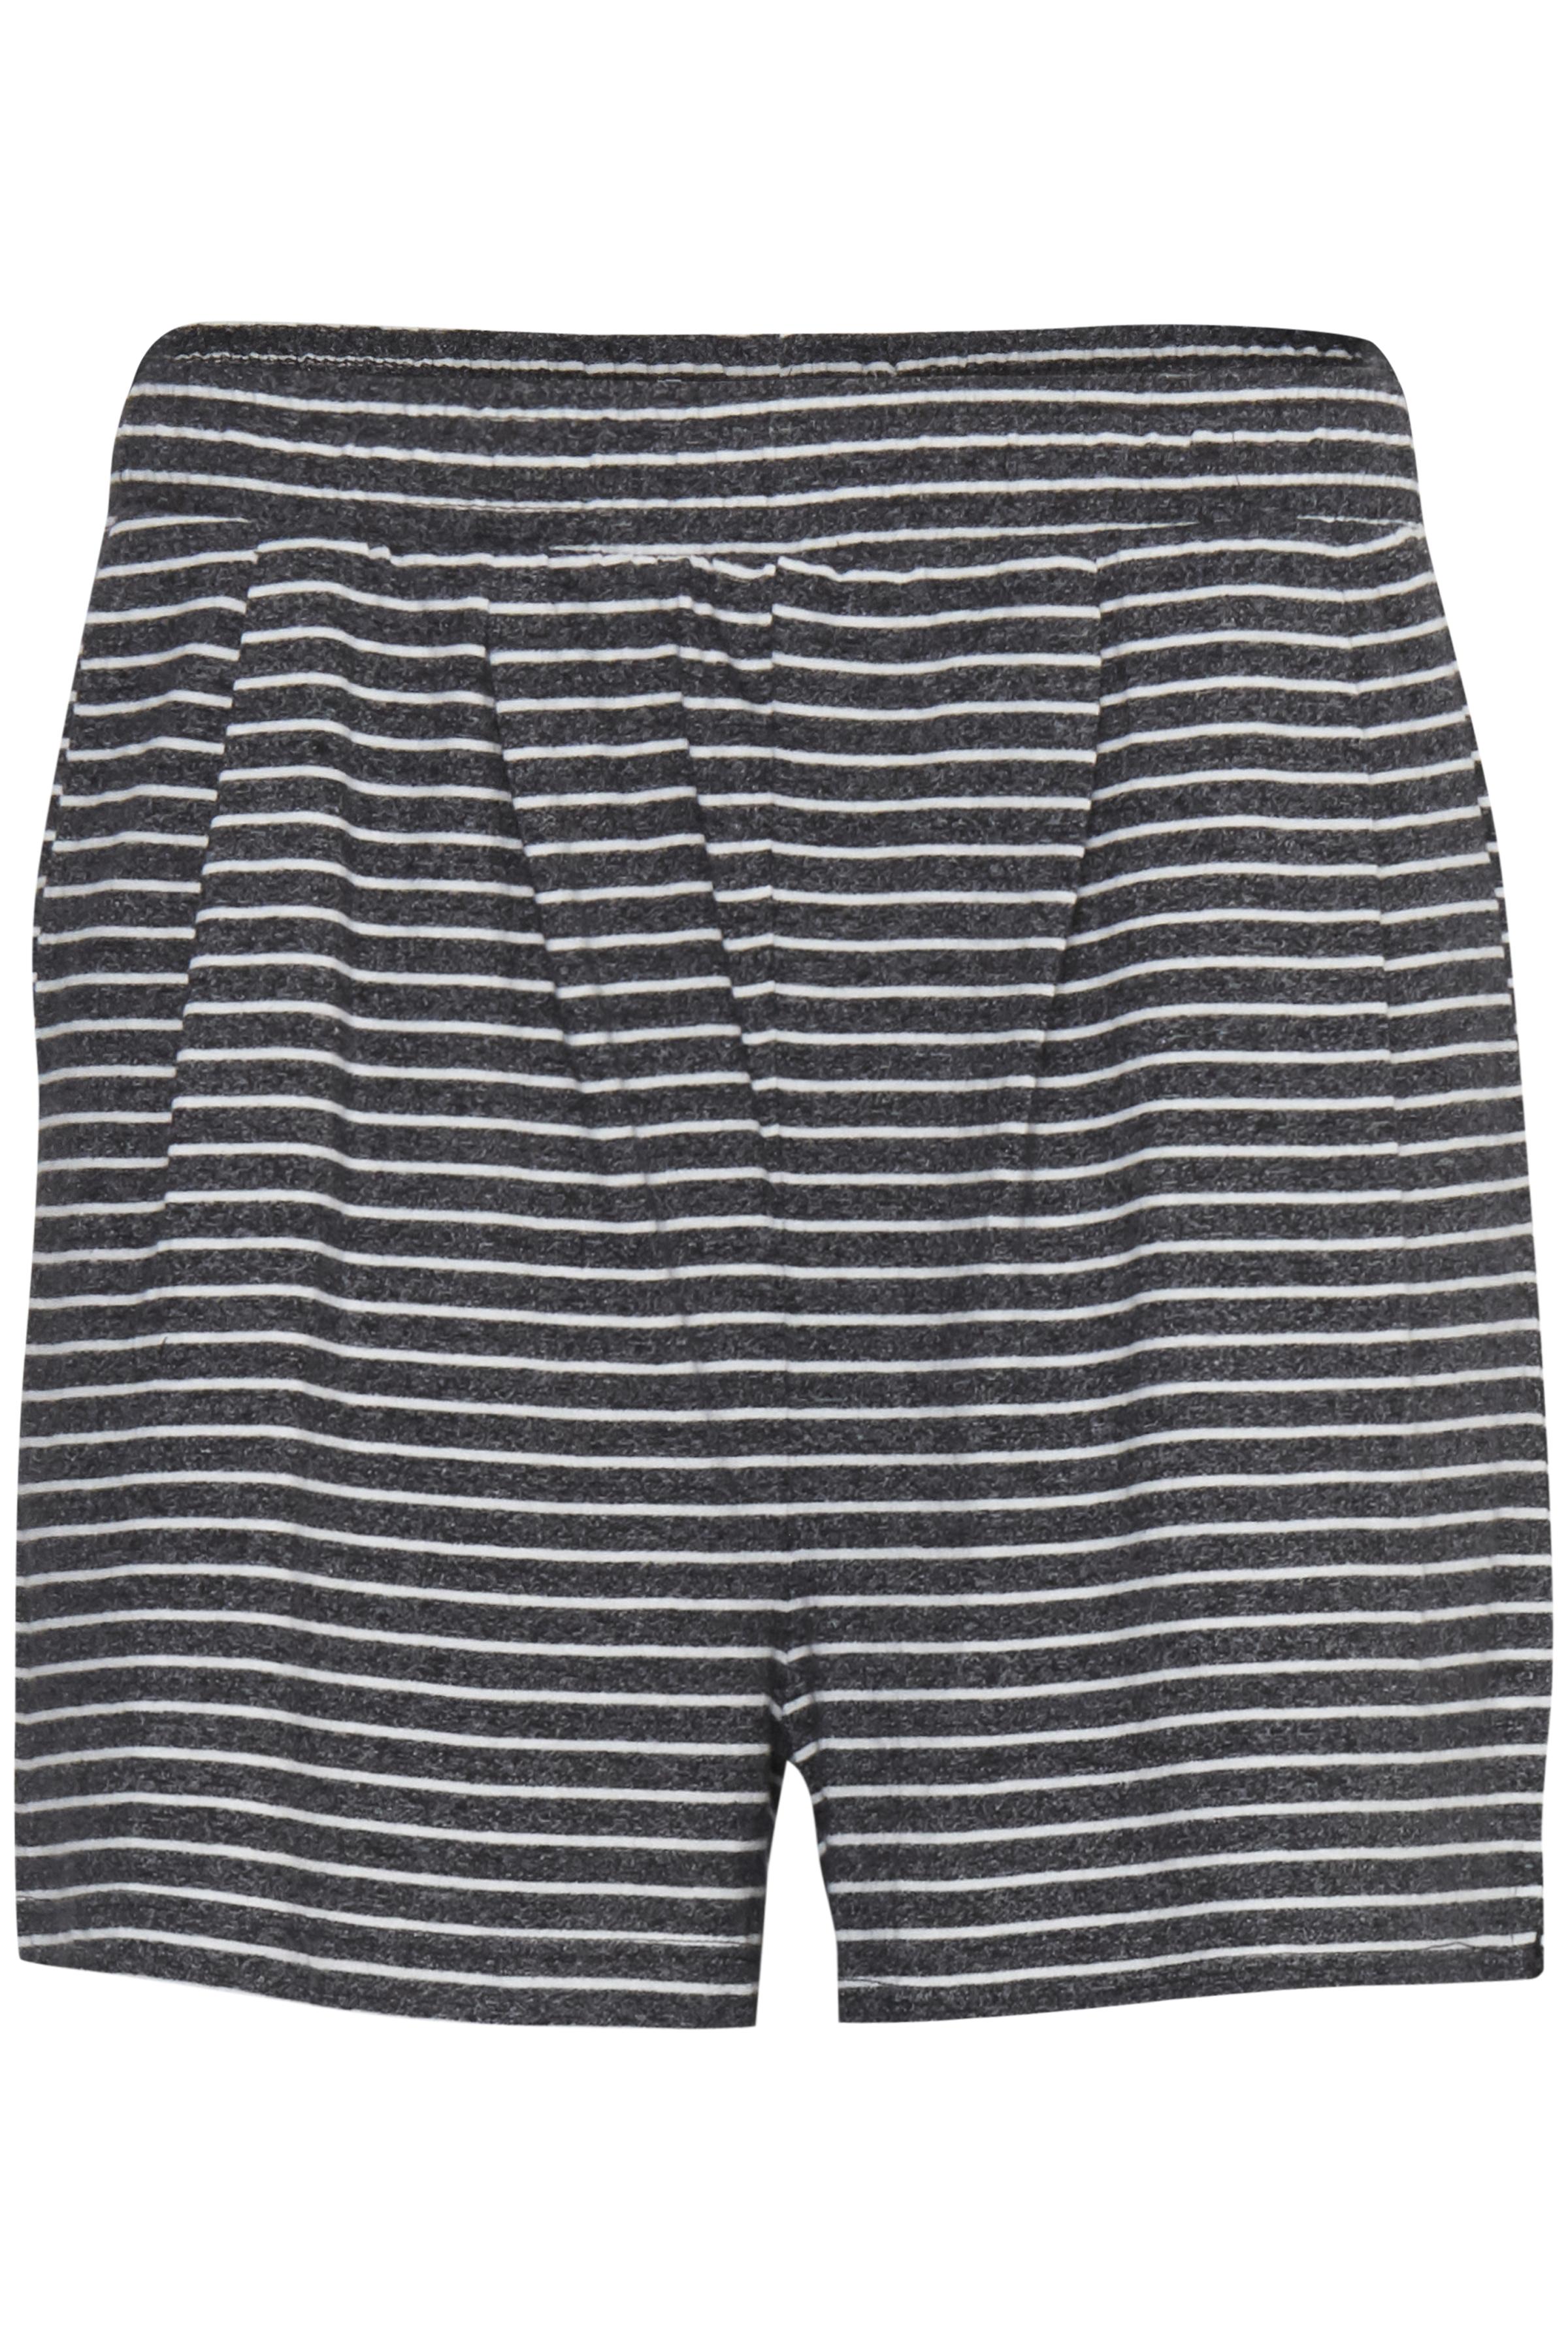 Small Stripe Black